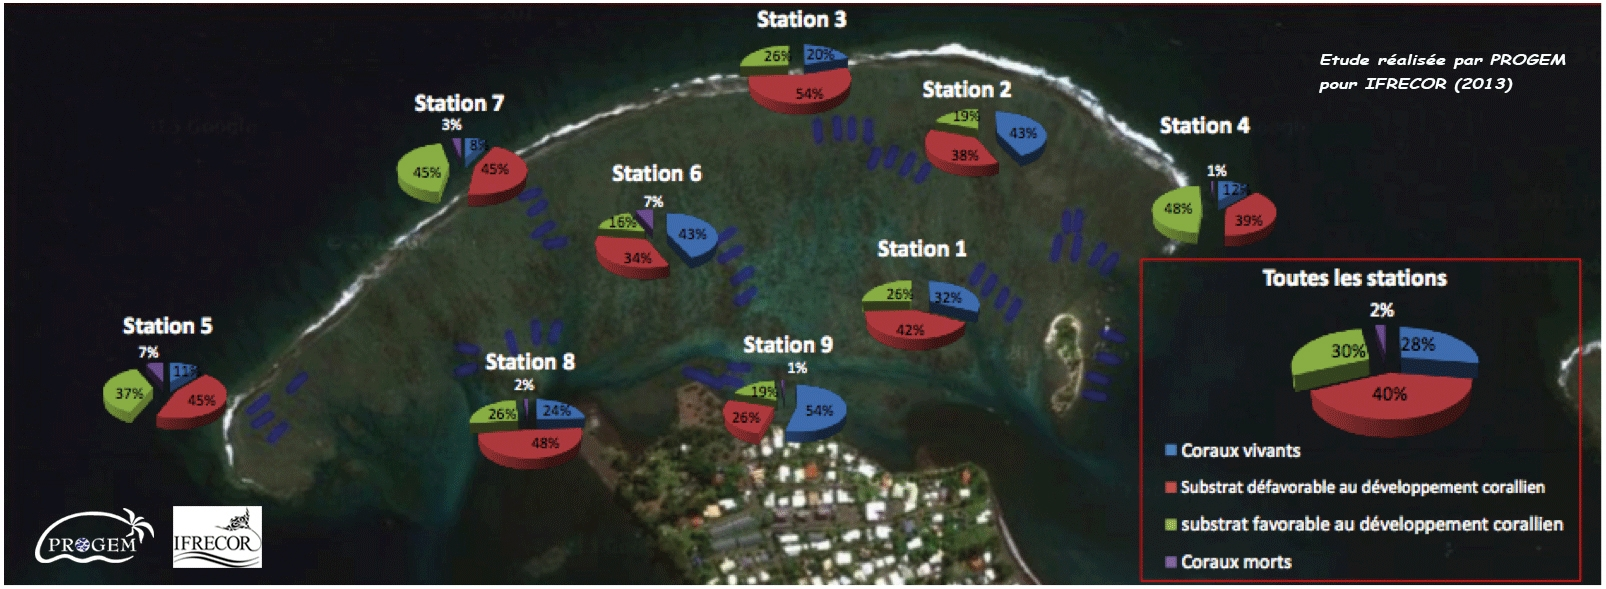 Répartition des coraux vivants et des coraux morts sur le lagon de Mahina (issue de l'étude Progem/Ifrecor).  L'aire marine protégée, de 50 hectares se trouve sur la partie droite du lagon.